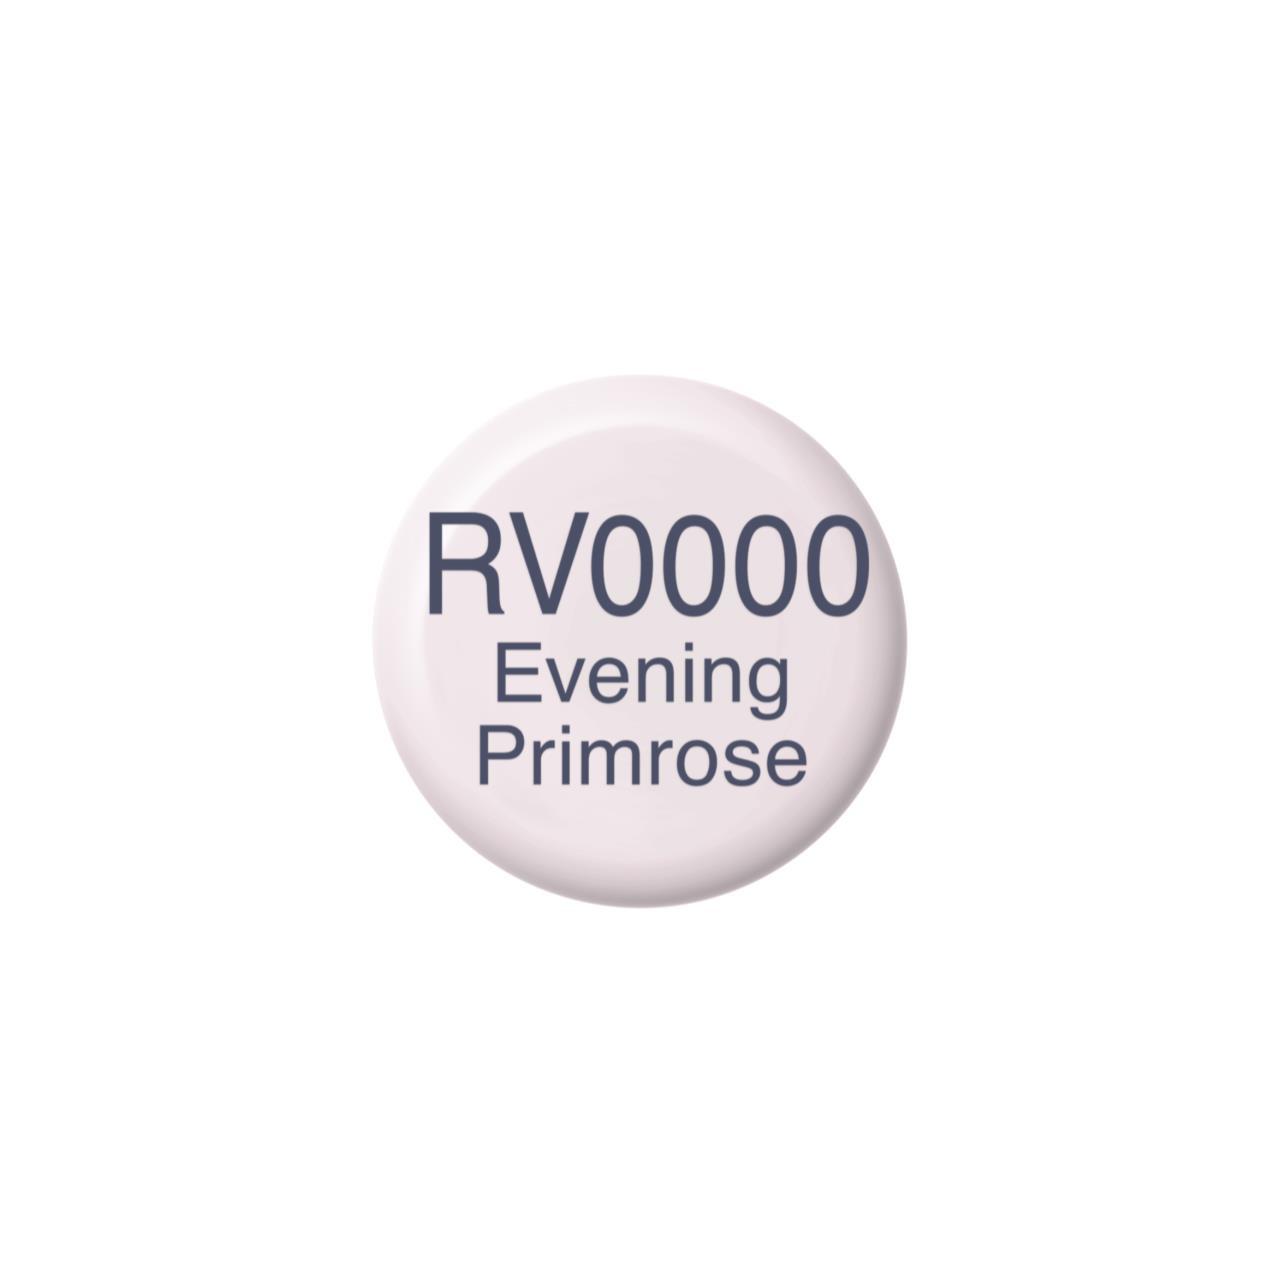 RV0000 Evening Primrose, Copic Ink - 4511338057667